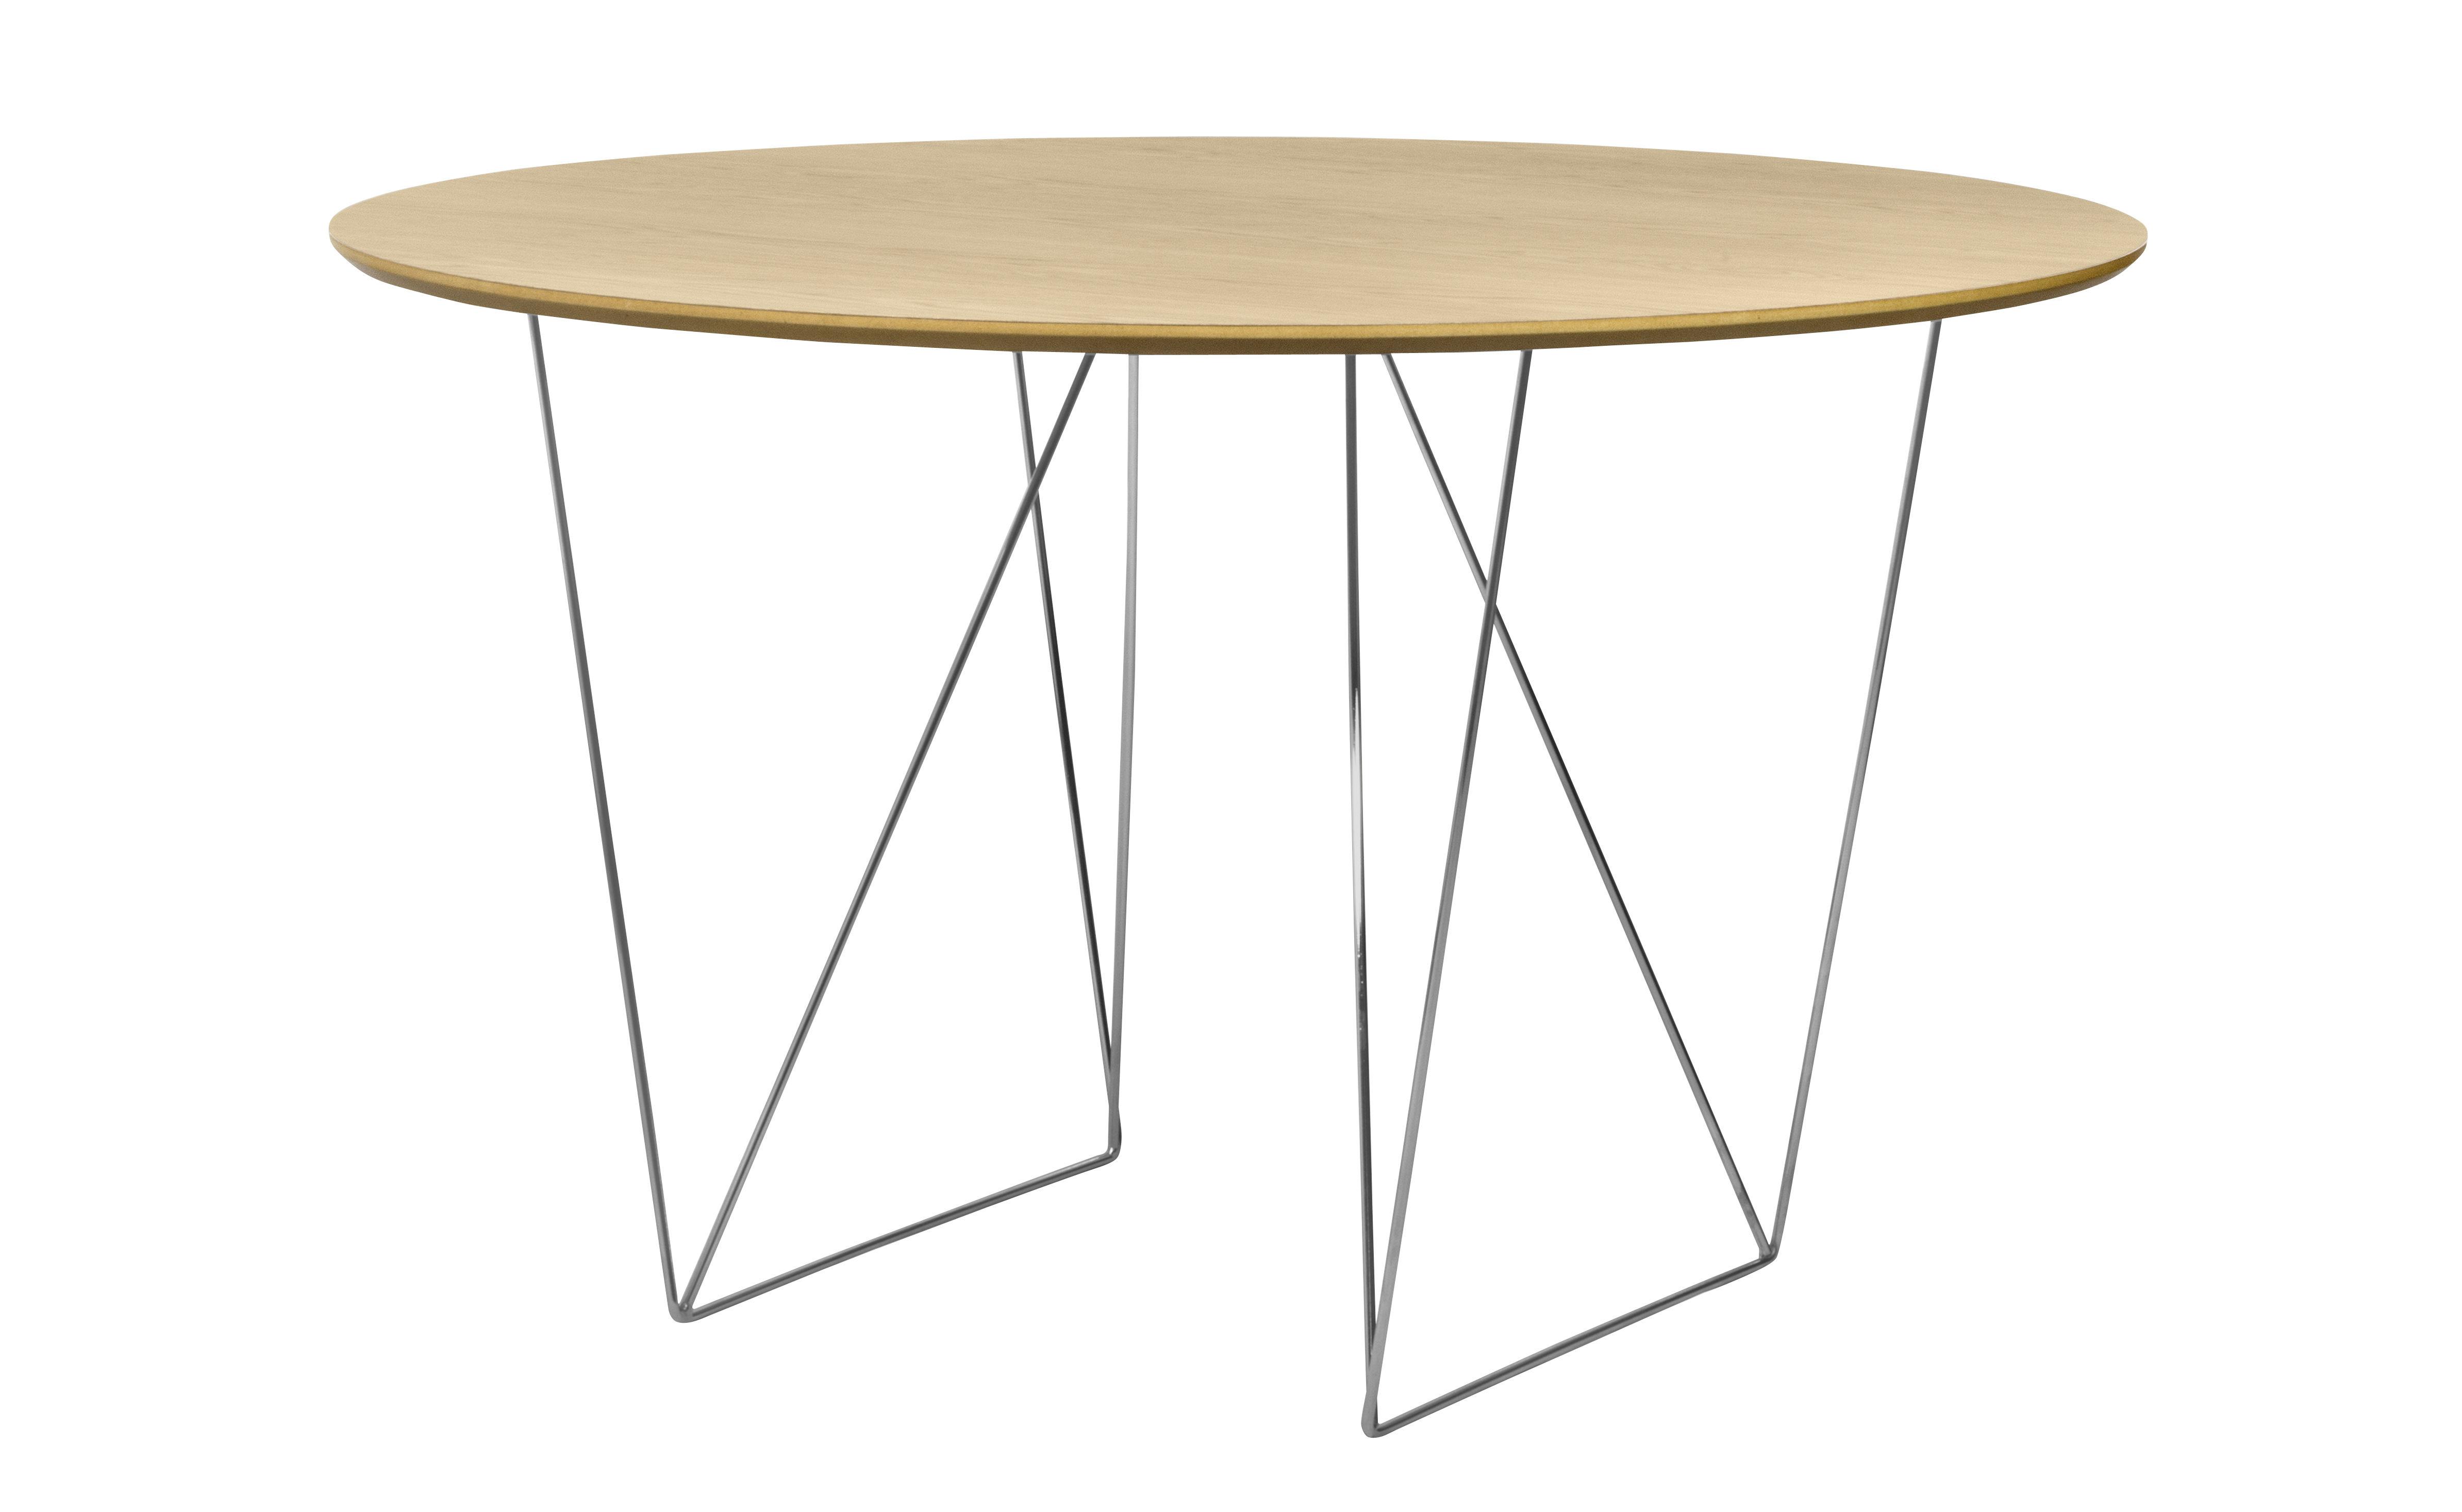 Tendenze - A tavola! - Tavolo Trestle / Ø 120 cm - POP UP HOME - Rovere / Piede cromato - Metallo cromato, Pannelli in agglomerato placcati quercia